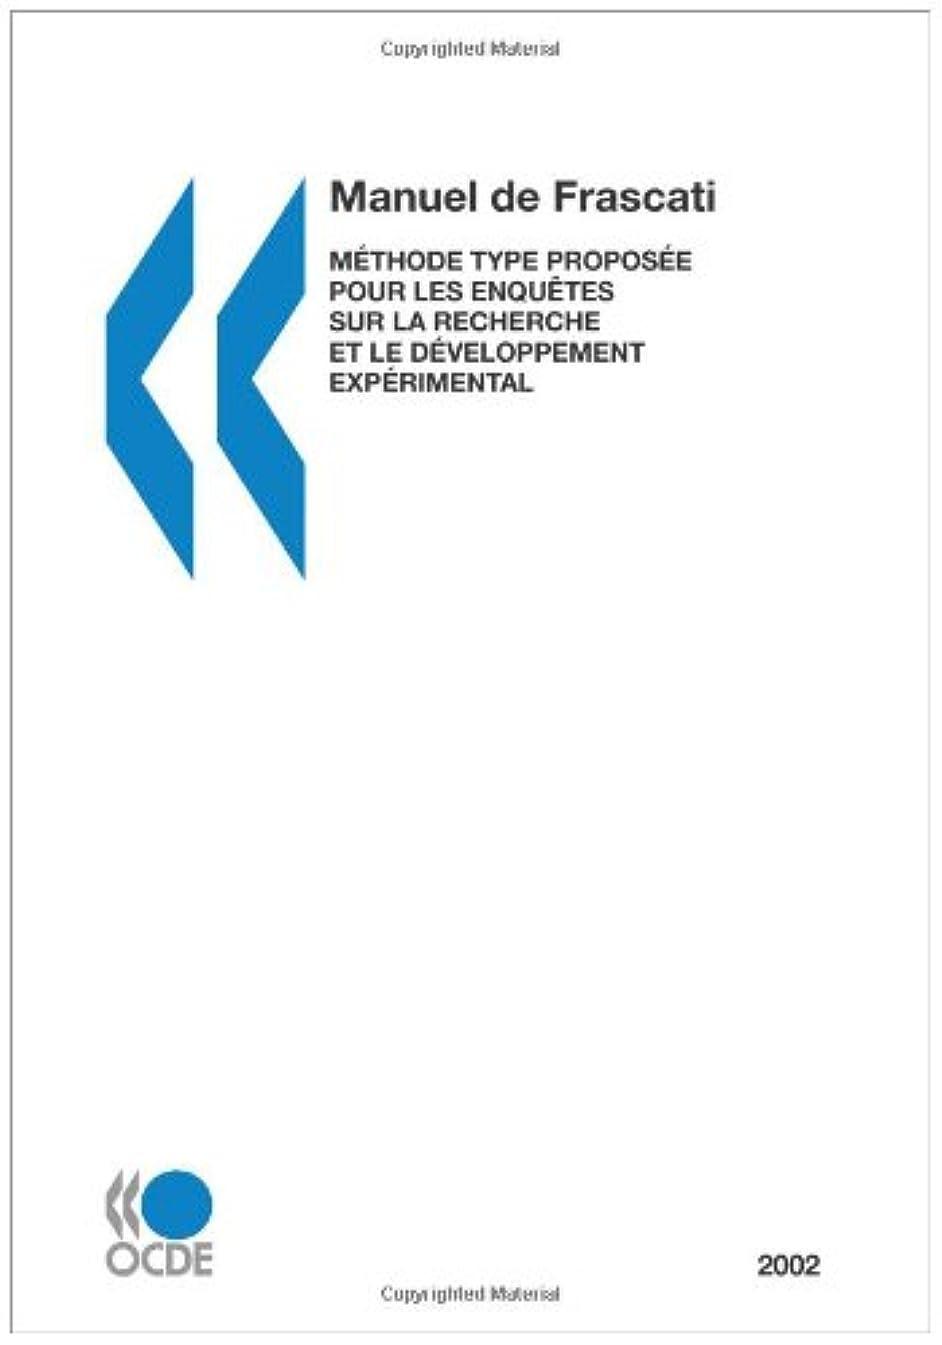 苛性かる誘発するLa mesure des activités scientifiques et technologiques Manuel de Frascati 2002: Méthode type proposée pour les enquêtes sur la recherche et le développement expérimental